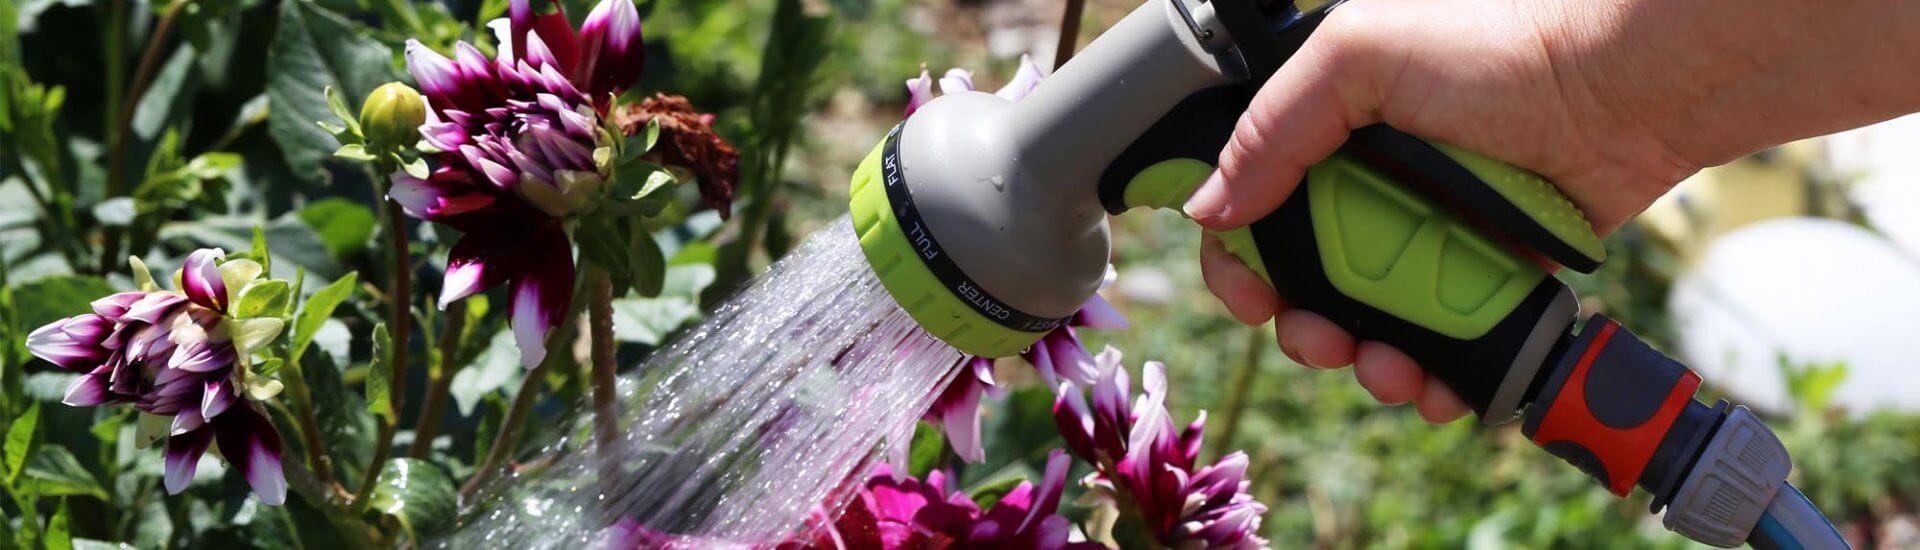 Gardena Gartenpumpe: Welche ist die beste? Vergleich & Ratgeber